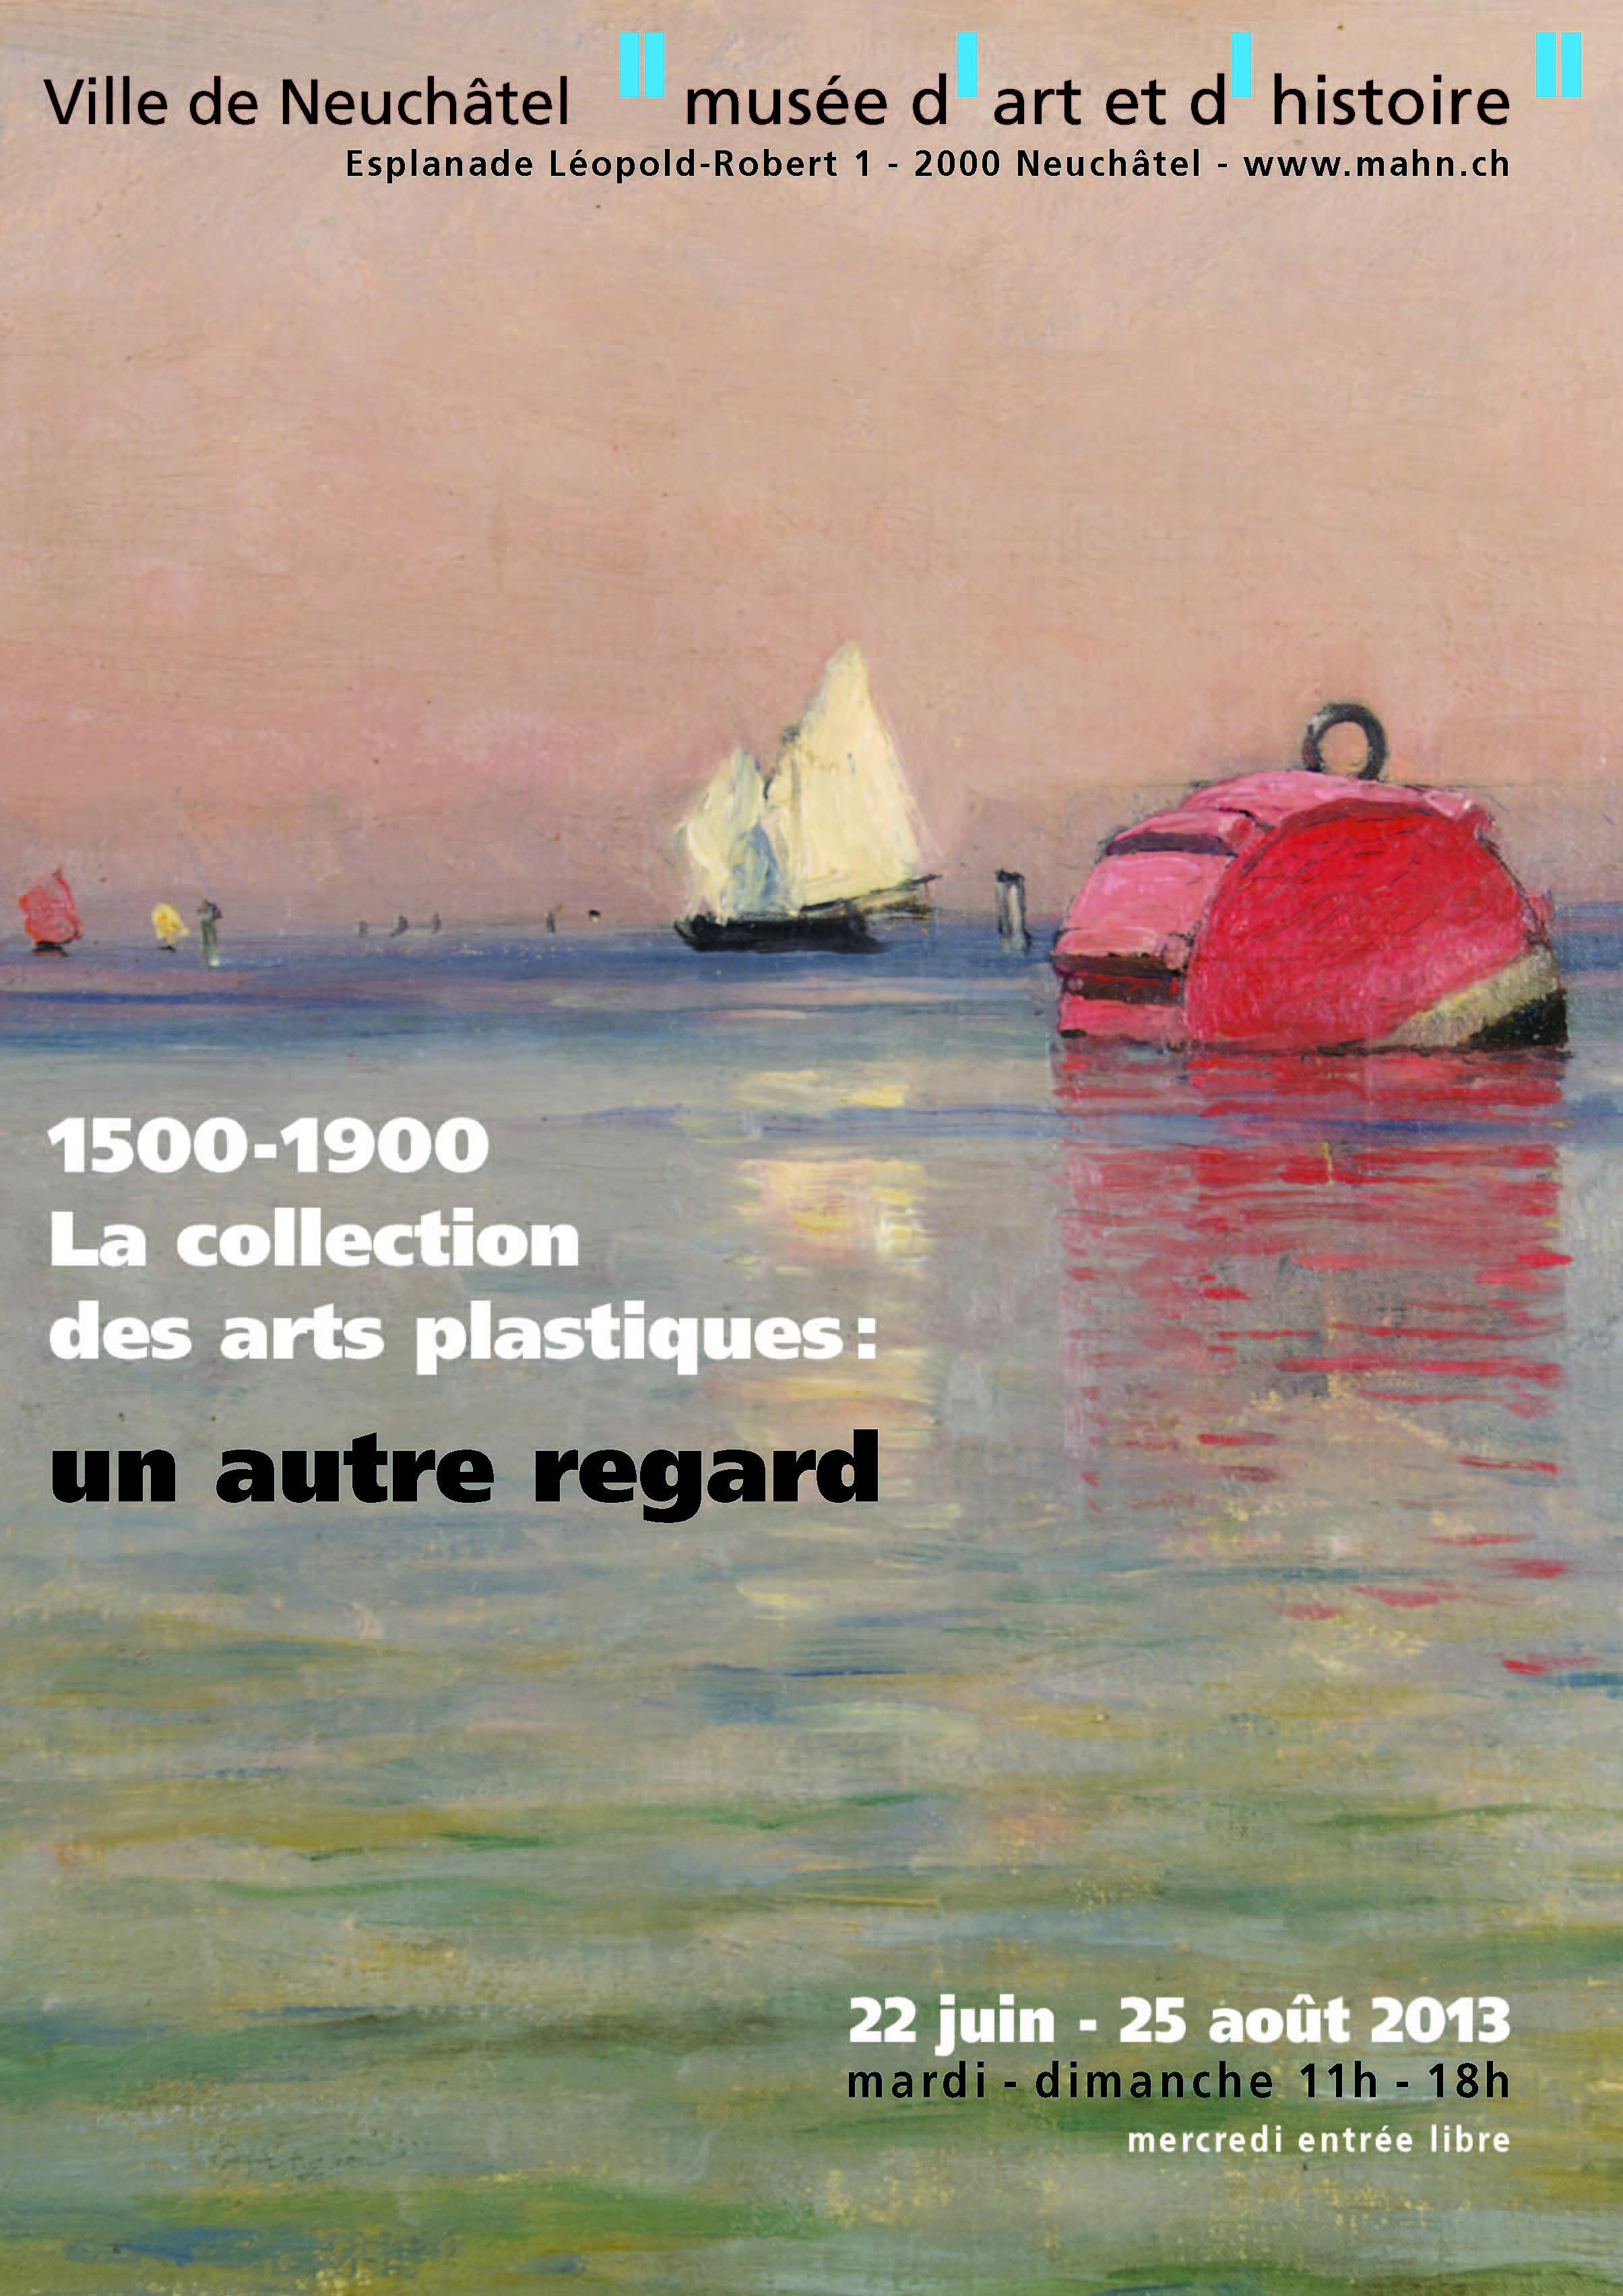 Affiche de l'exposition, qui s'est tenue dans les locaux de la Galerie C du 22 juin au 25 août 2013